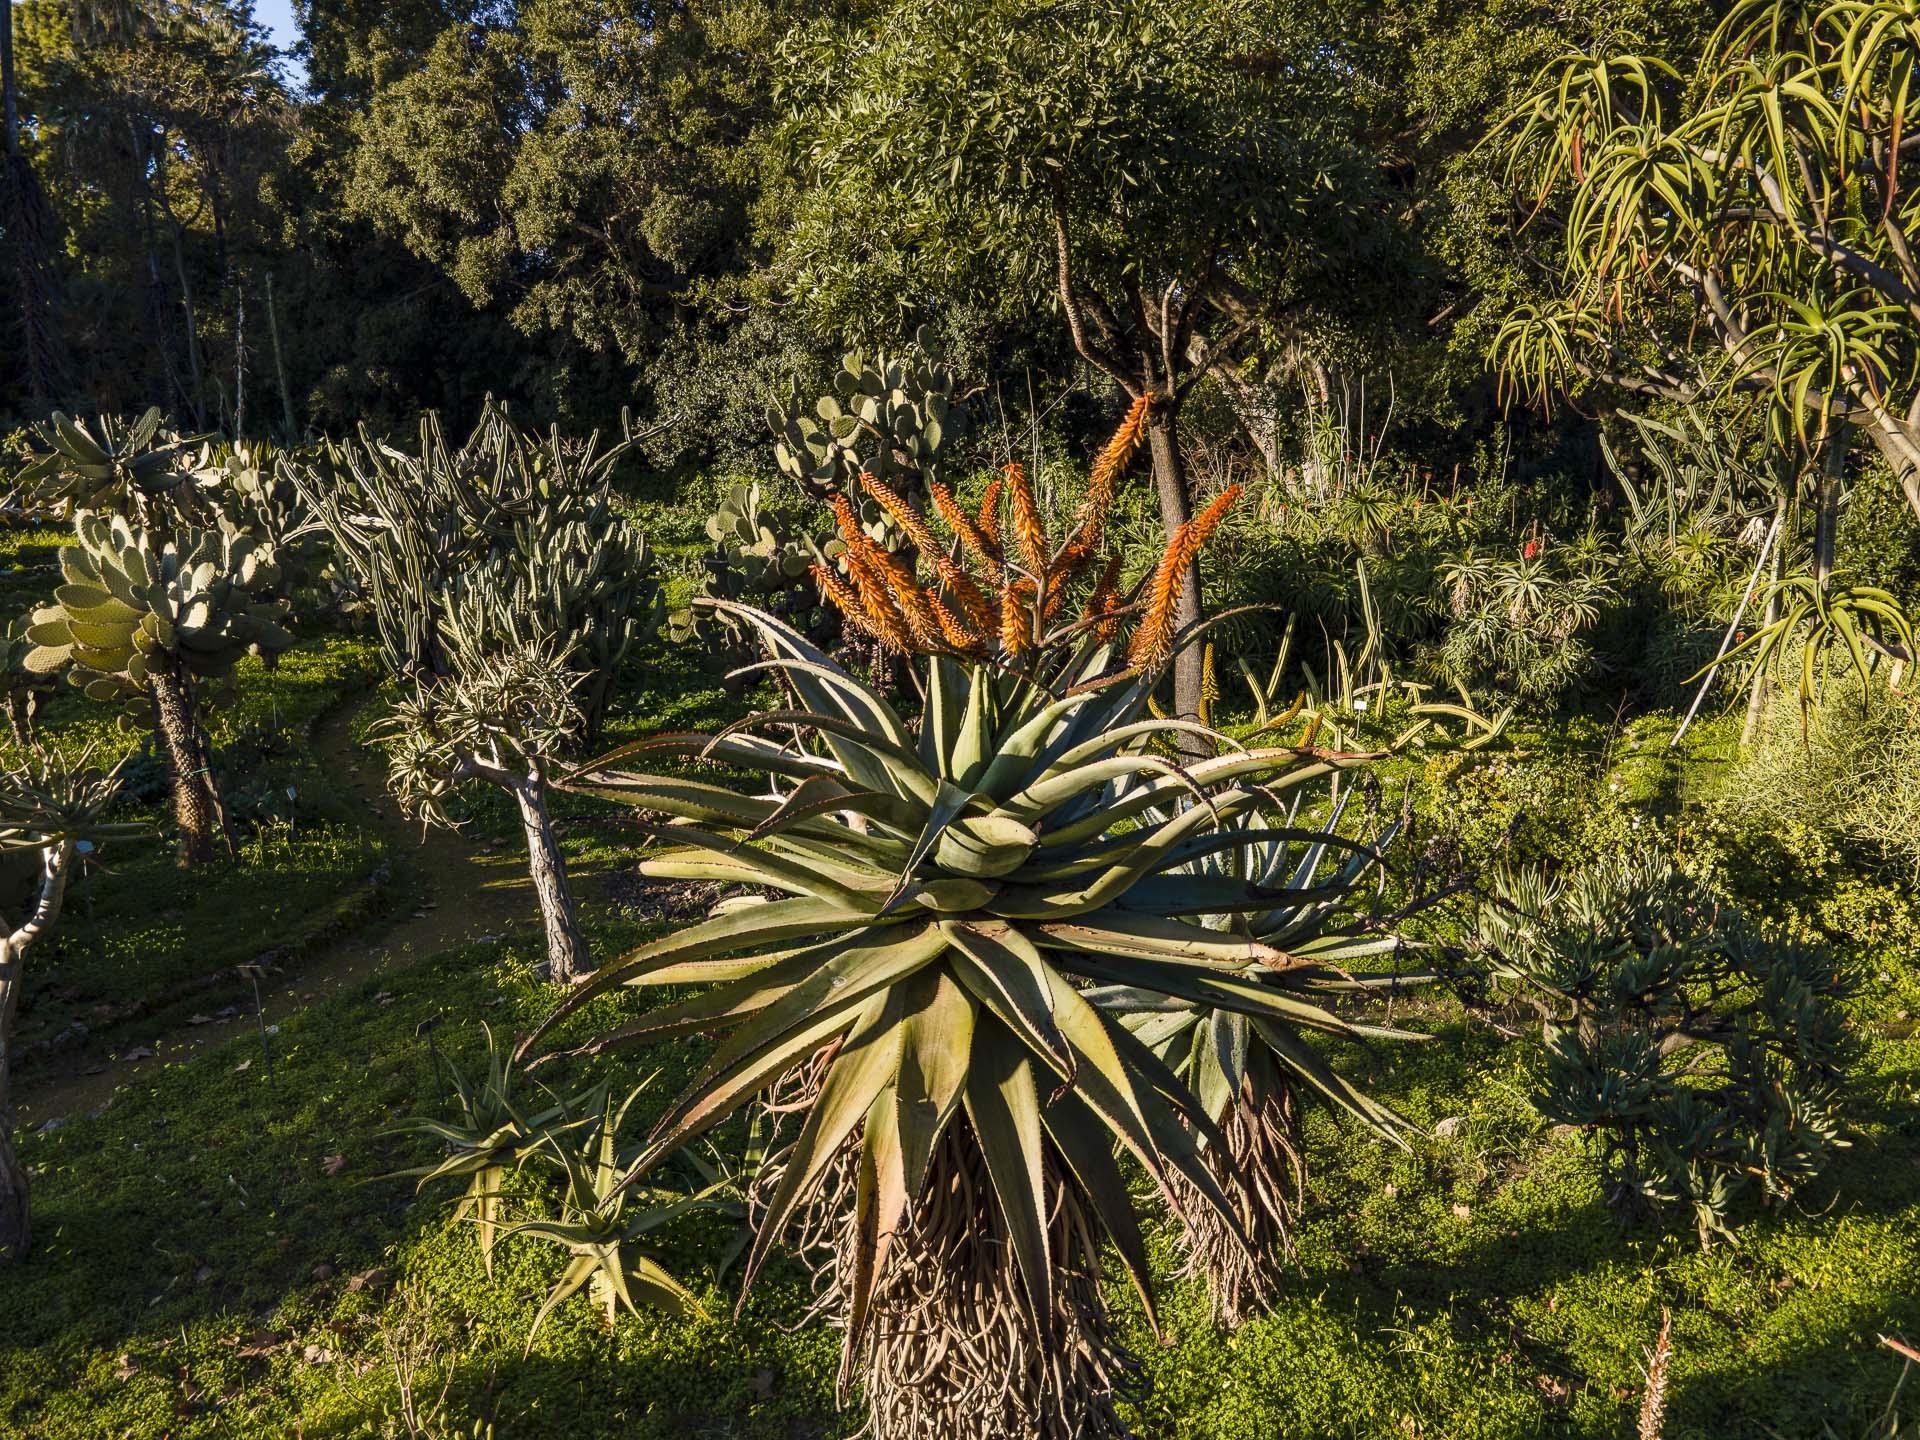 Orto_Botanico_037DJI_0011